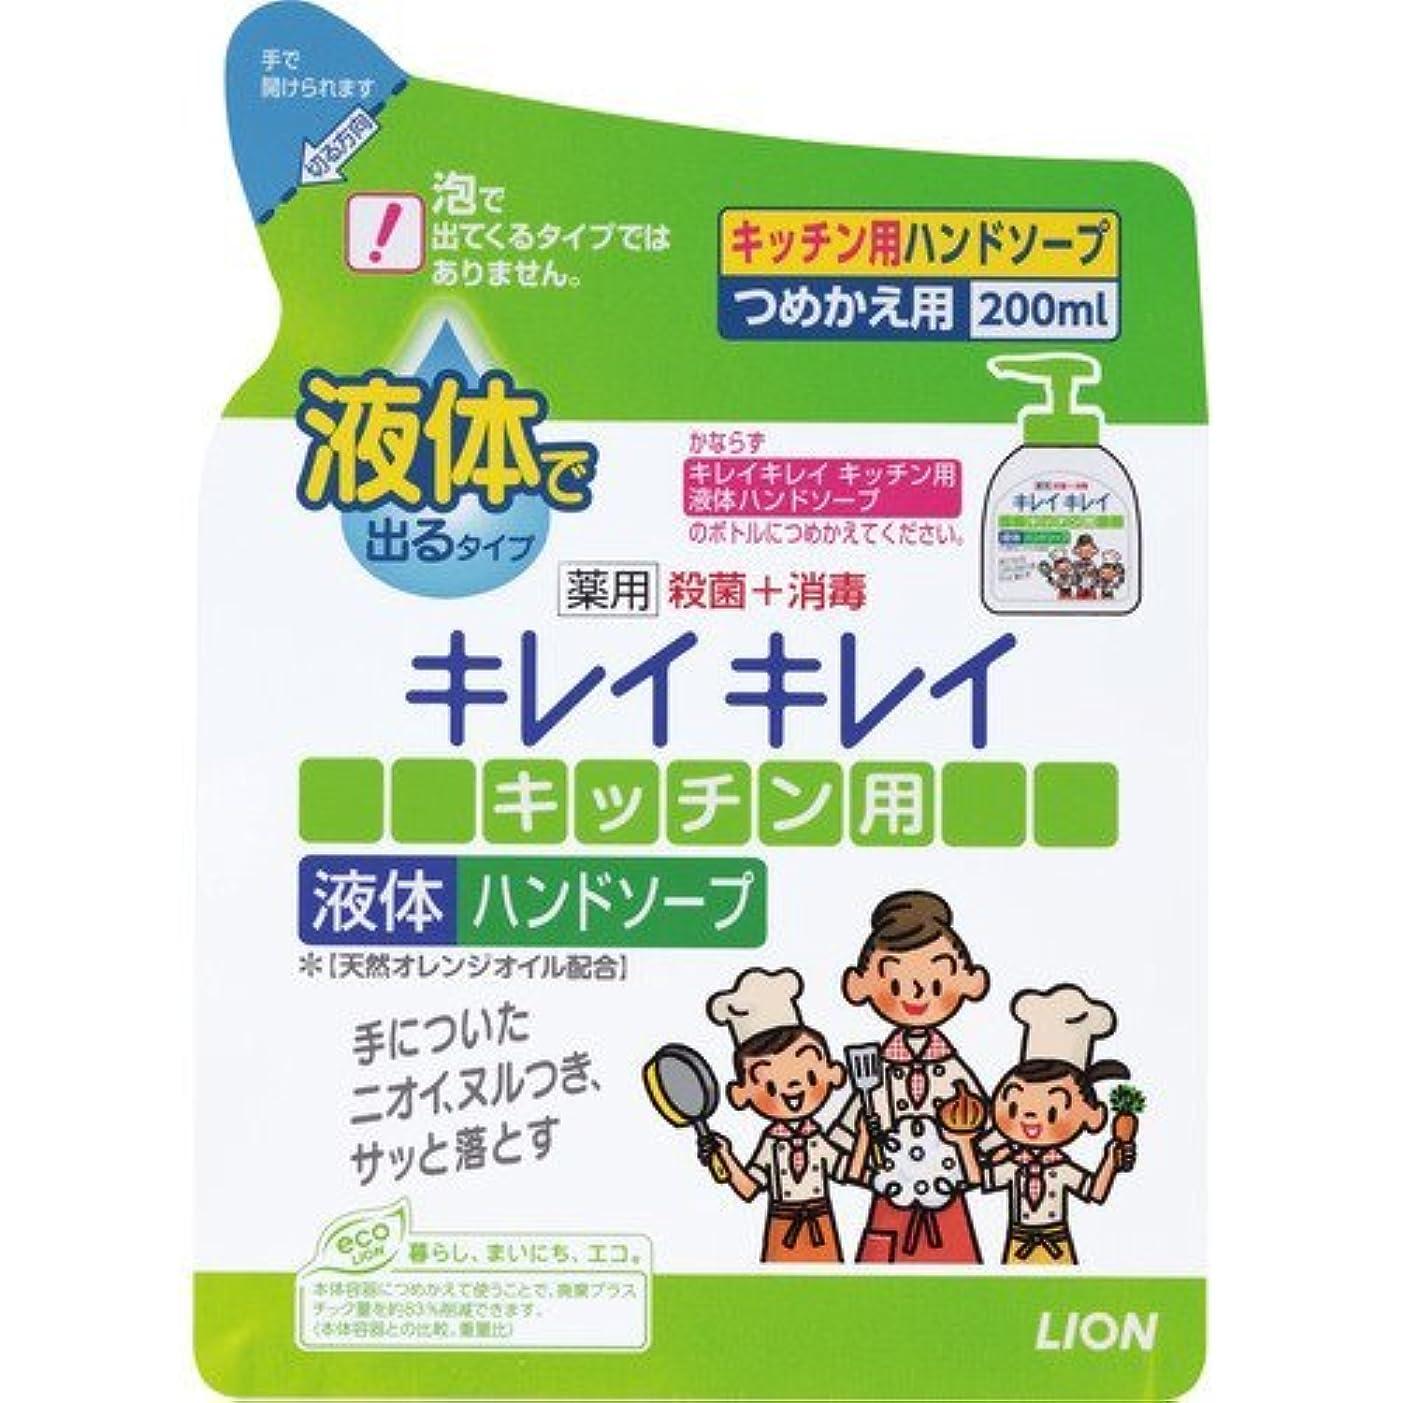 小数甘くする貧しいキレイキレイ 薬用 キッチンハンドソープ 詰め替え 200ml(医薬部外品)